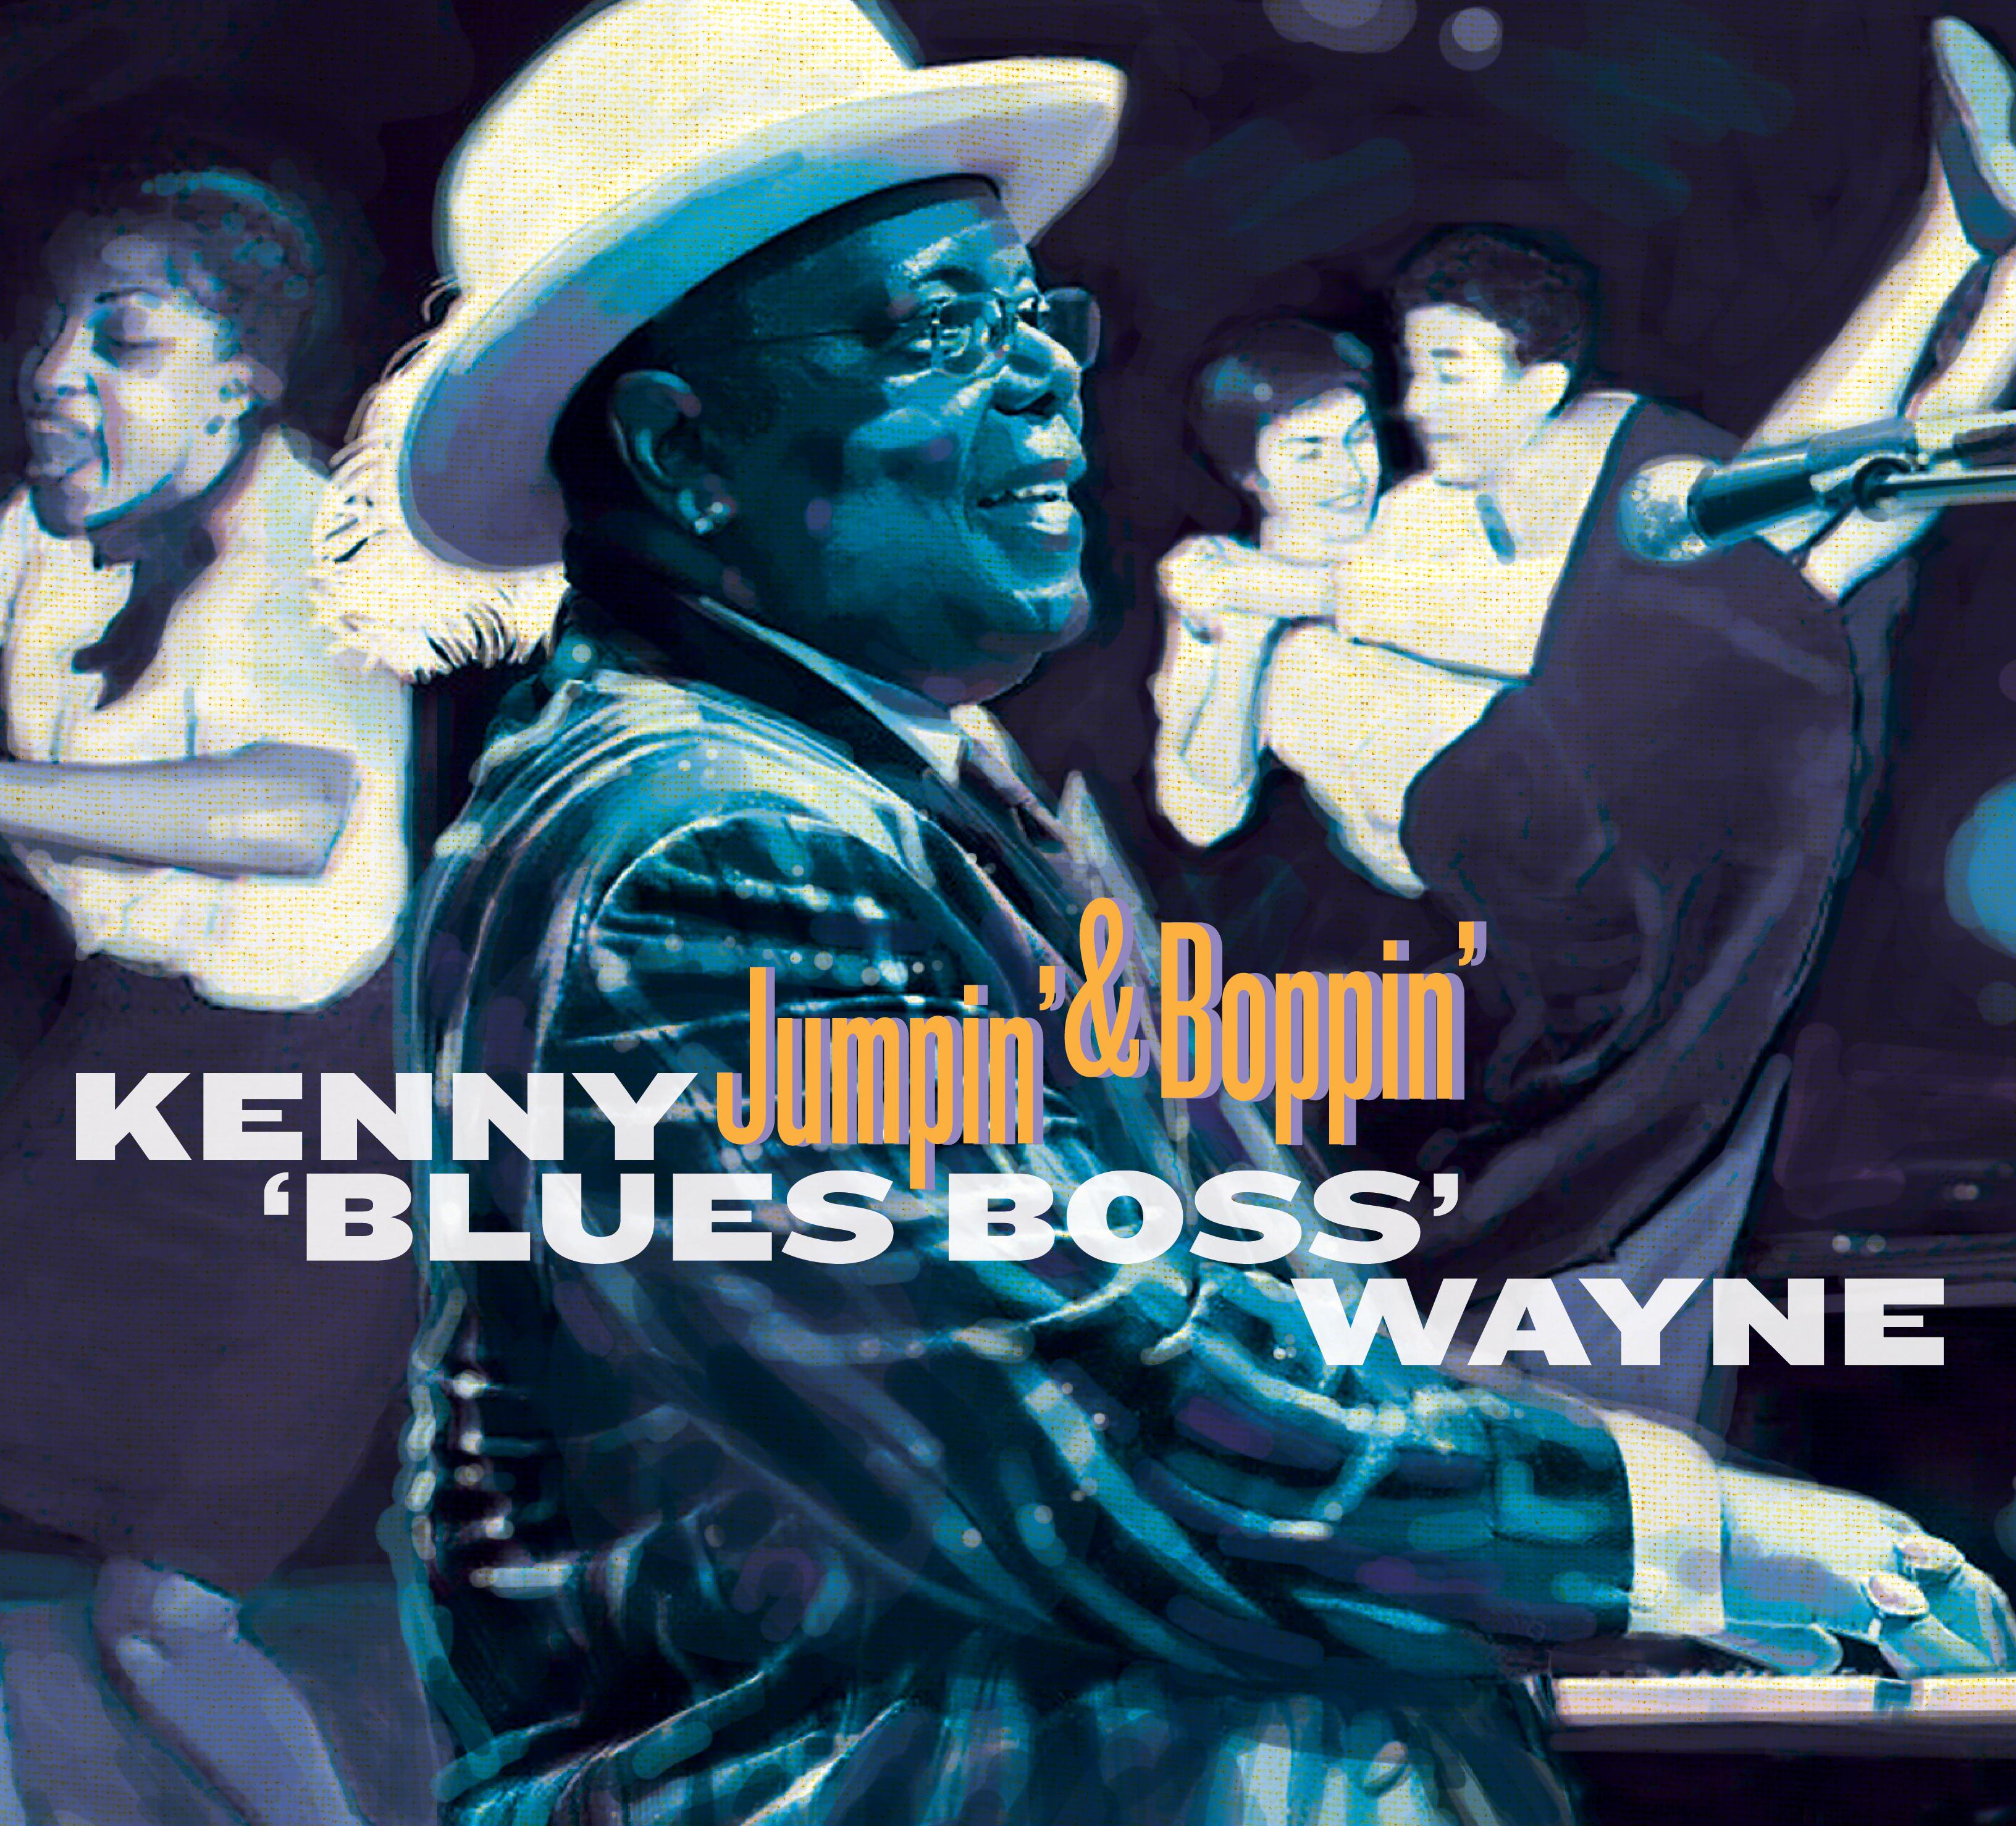 KENNY BLUES BOSS WAYNE – I need yourlovin'